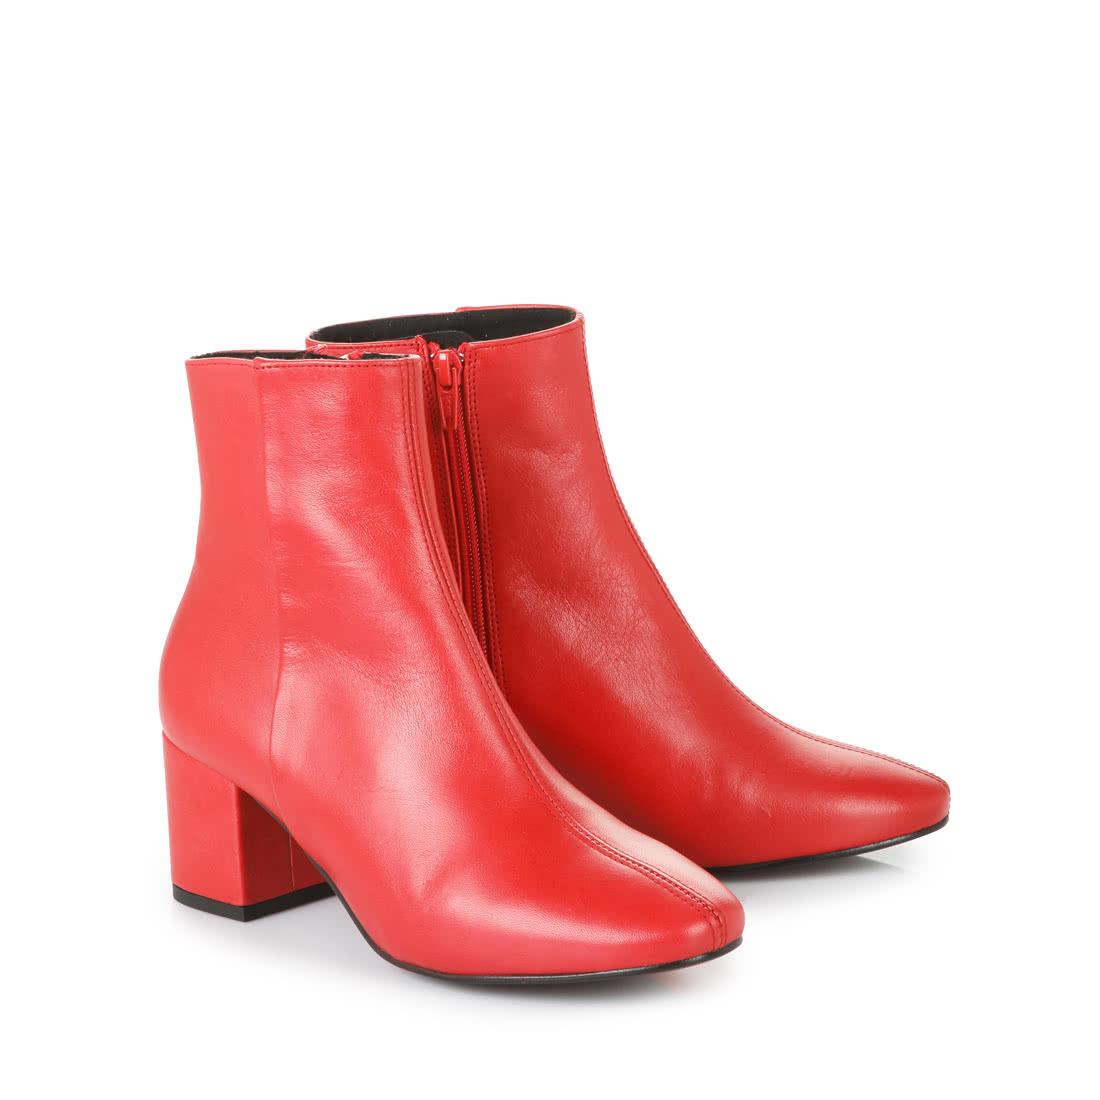 online store 7696f 08fd4 Buffalo Blockabsatz Stiefelette in rot online kaufen | BUFFALO®